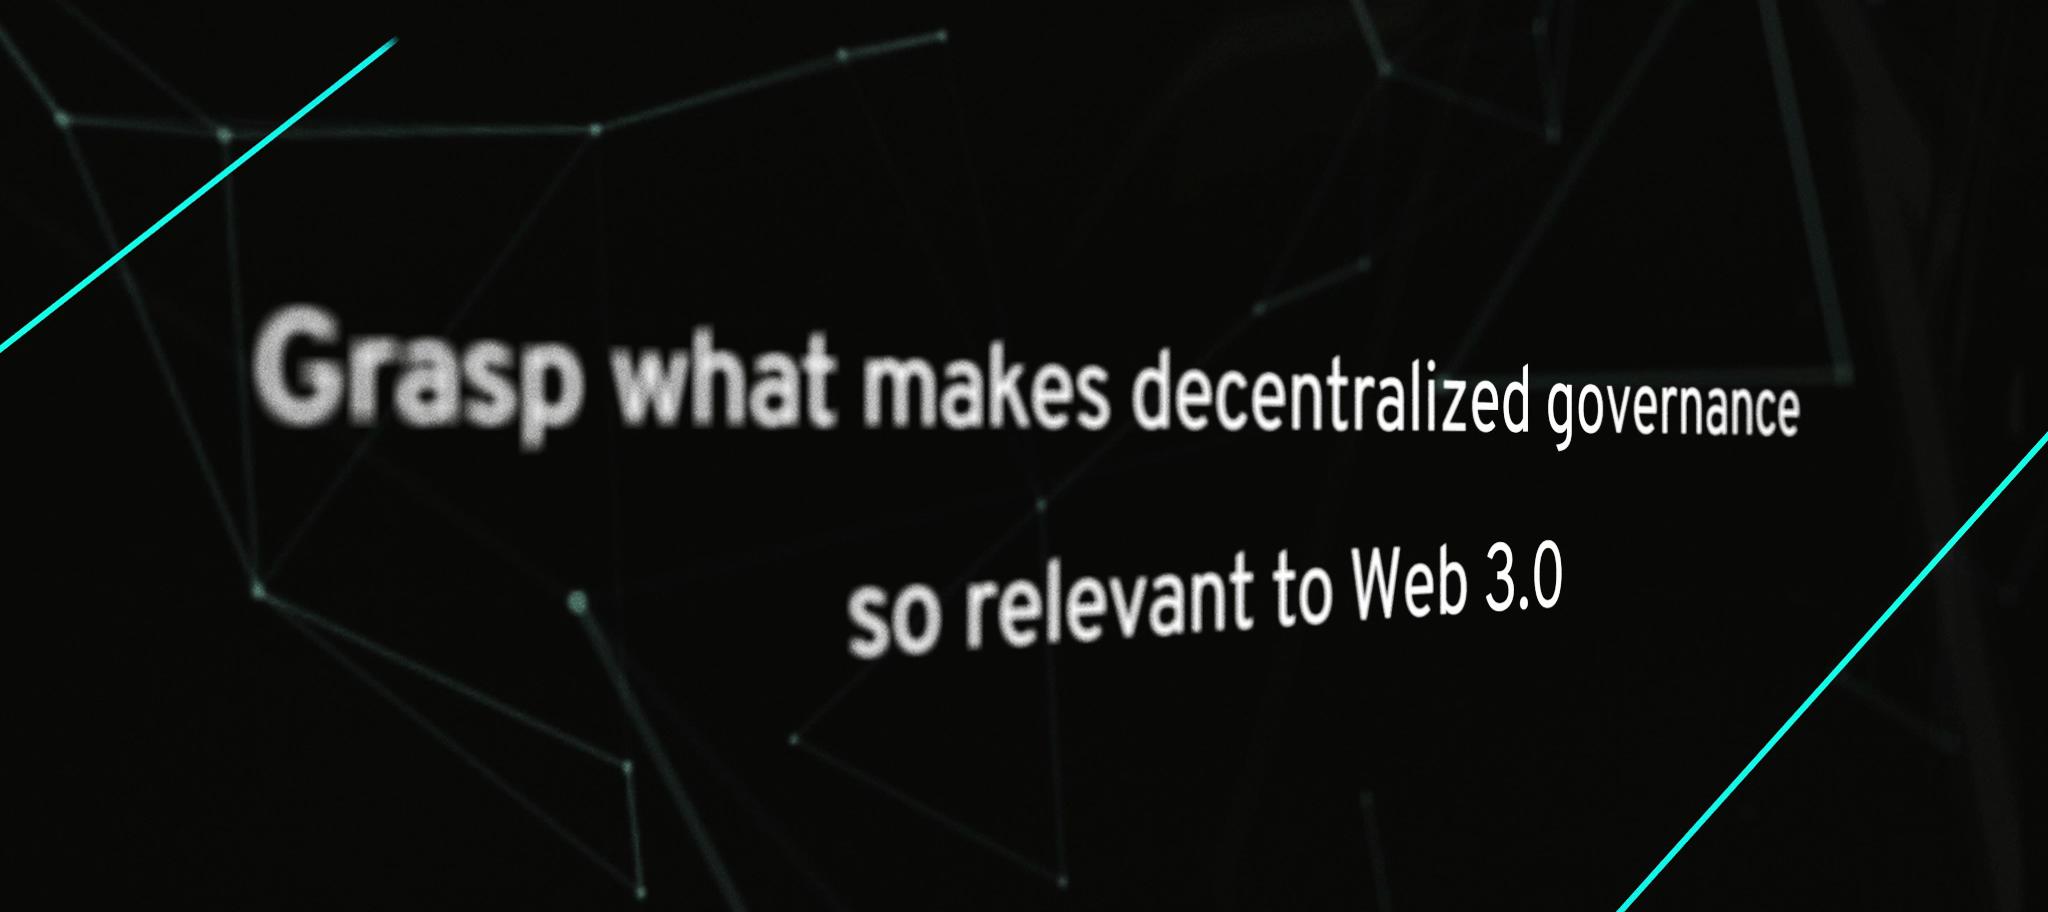 decentralized_governance